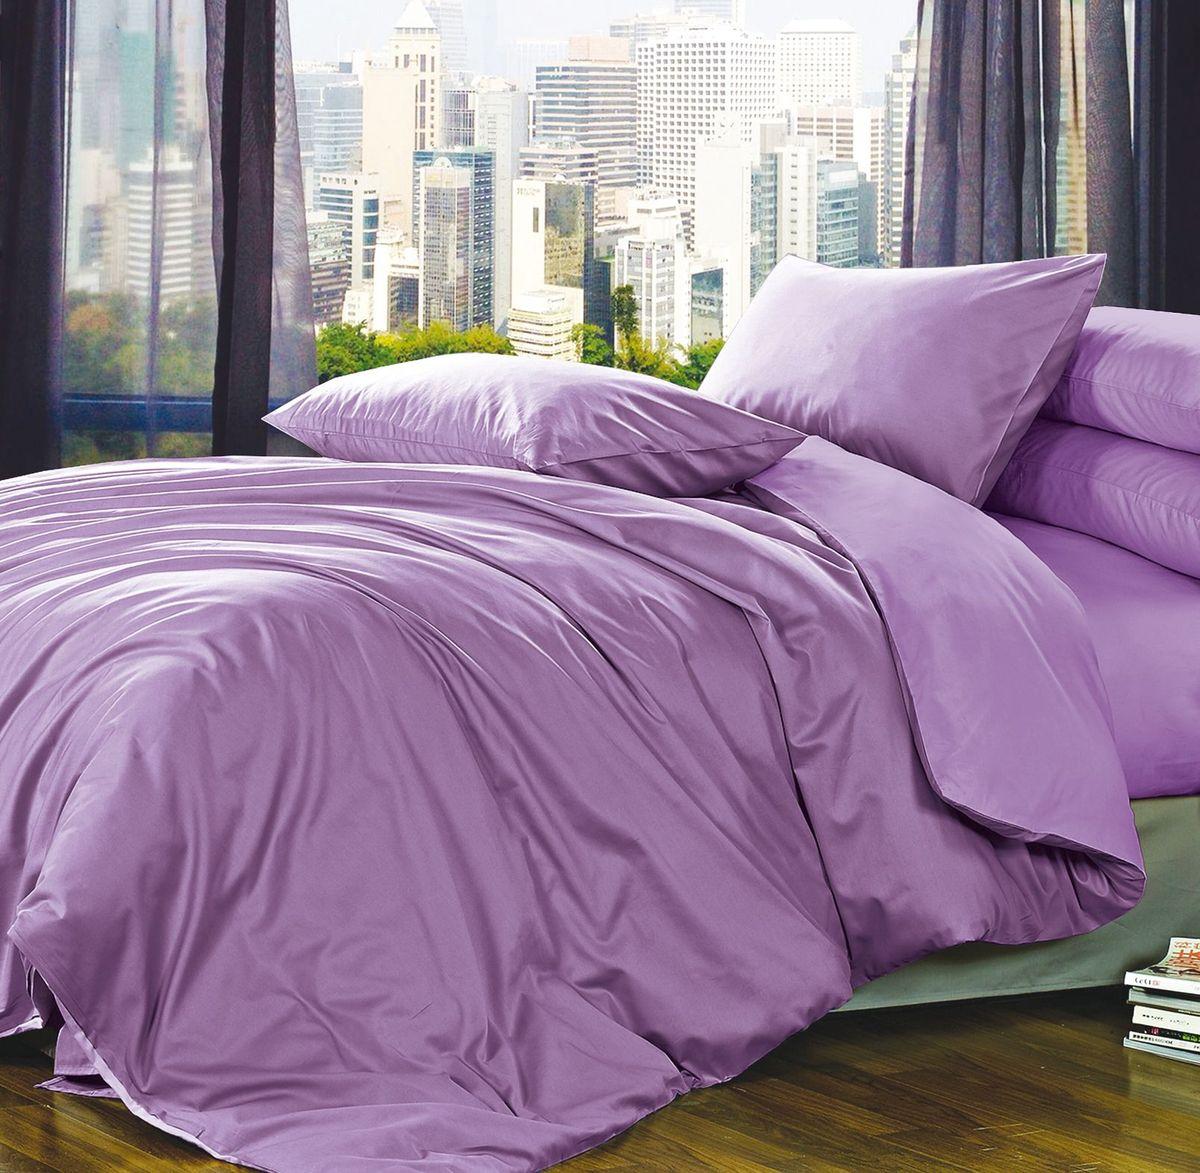 Комплект белья Коллекция Фиолетовый, 2-спальный, наволочки 70x70. ПС2/70/ОЗ/фПС2/70/ОЗ/ф